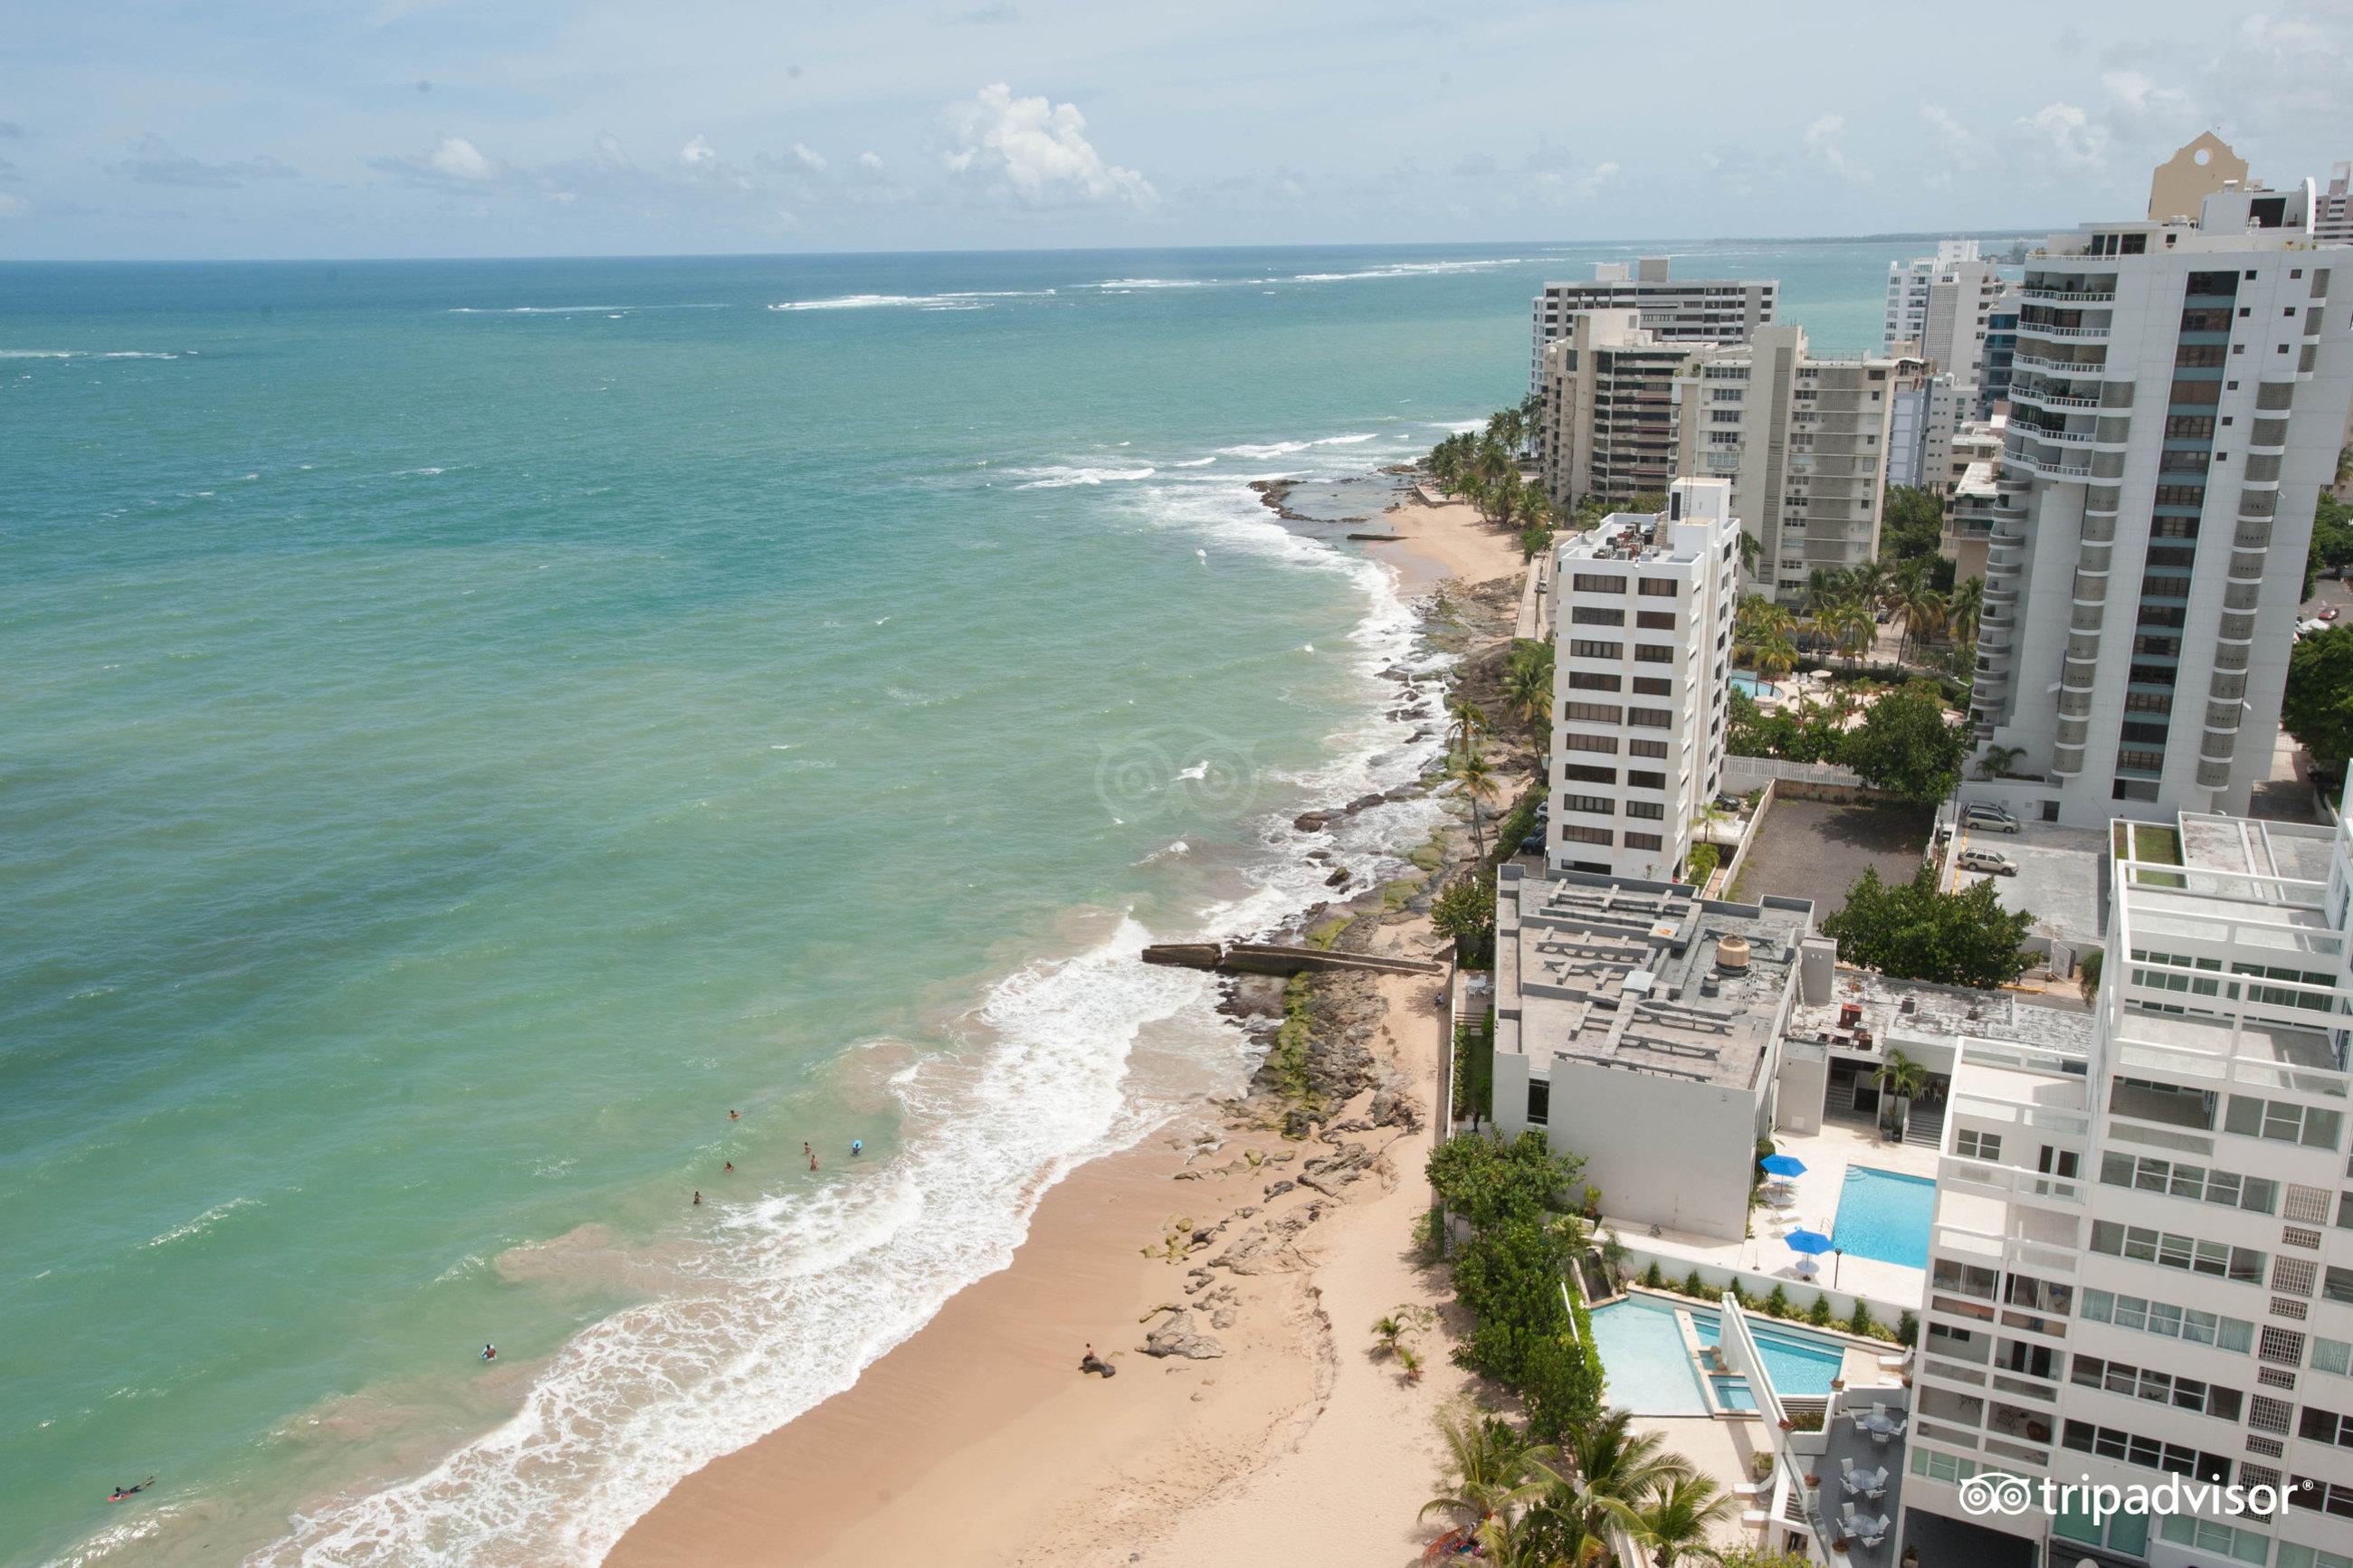 Marriott stellaris & casino resort in san juan puerto rico